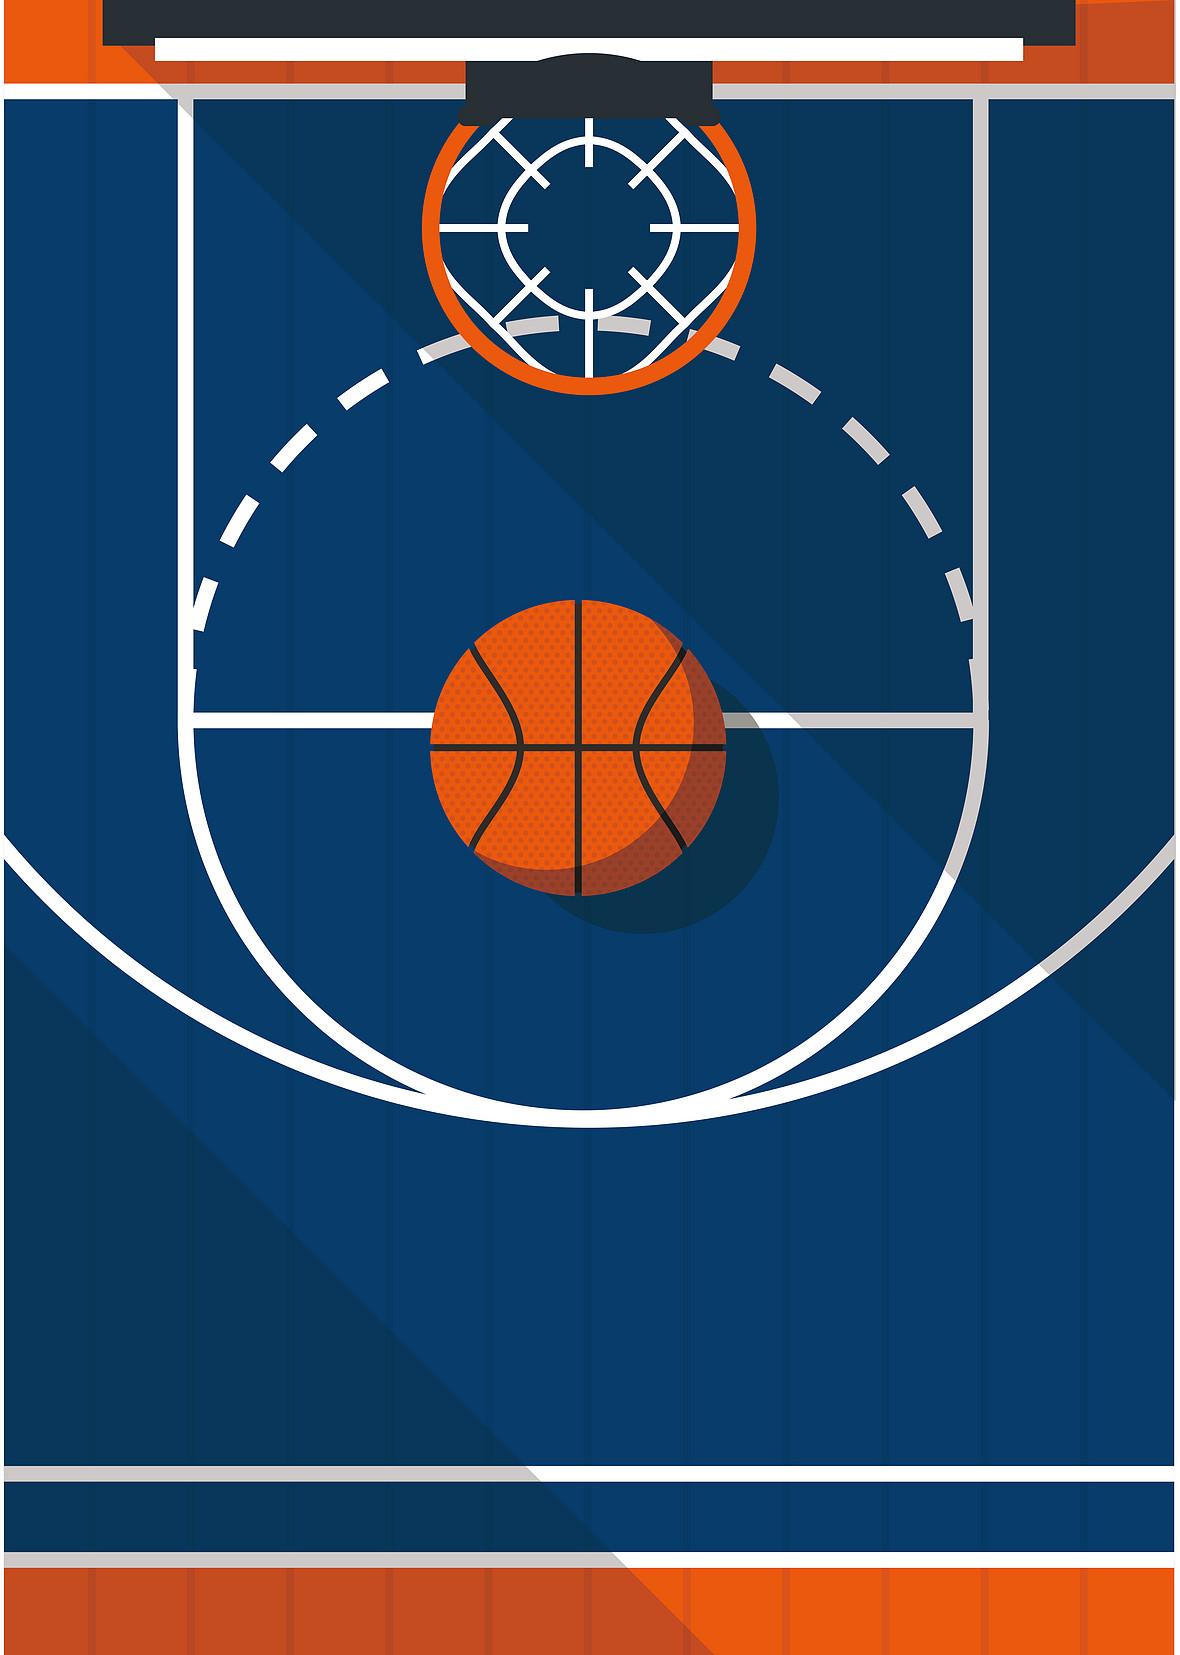 手绘卡通篮球球赛篮球场海报背景素材